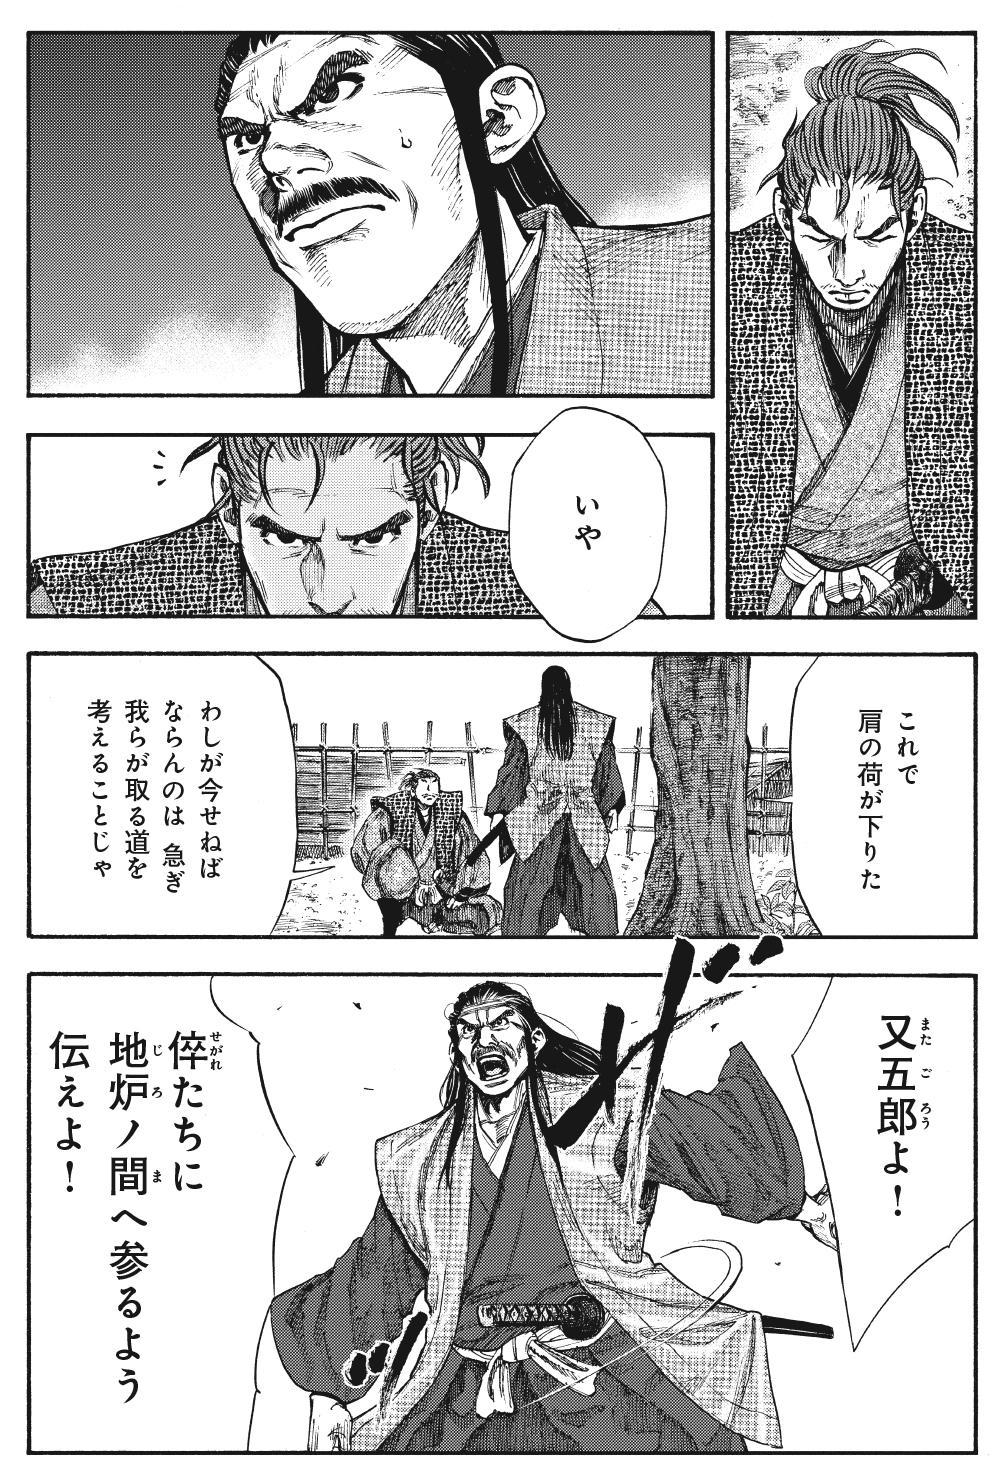 真田太平記 第8話「真田兄弟」①sanada14-05.jpg